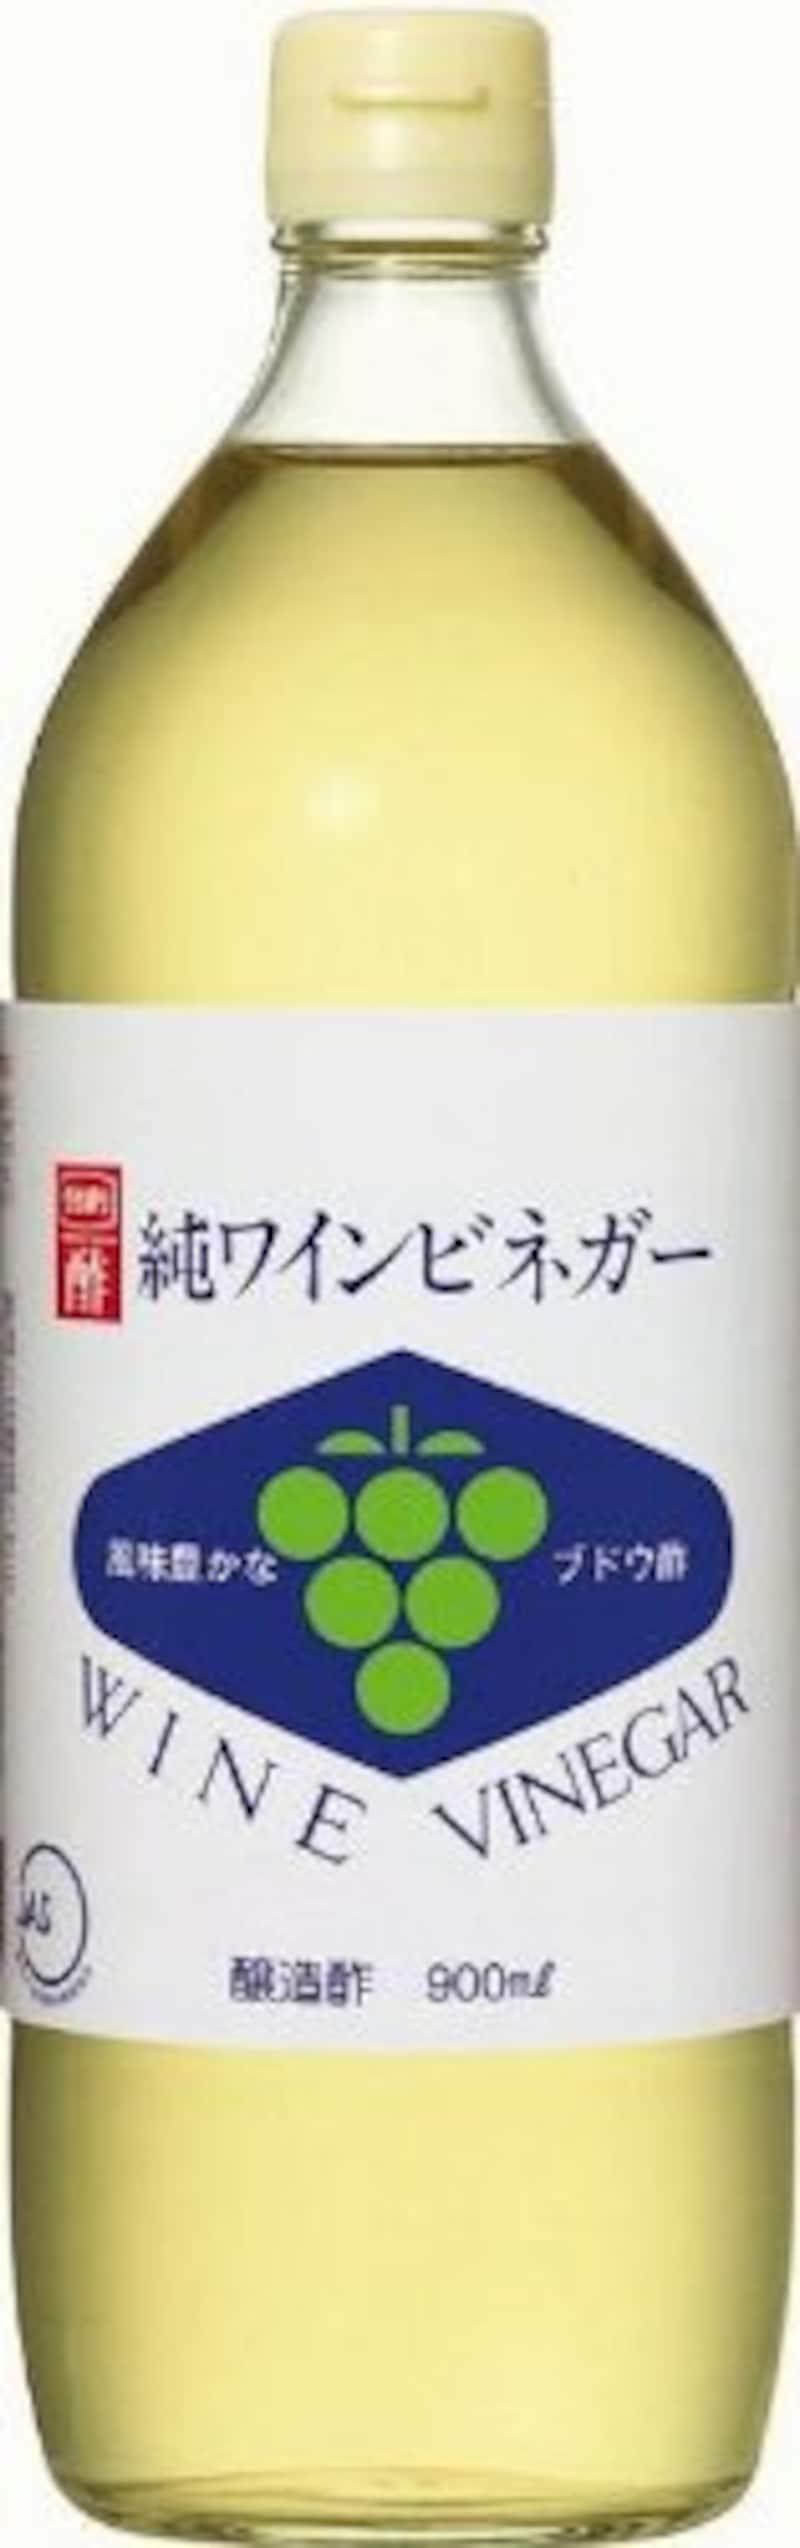 内堀醸造,純ワインビネガー